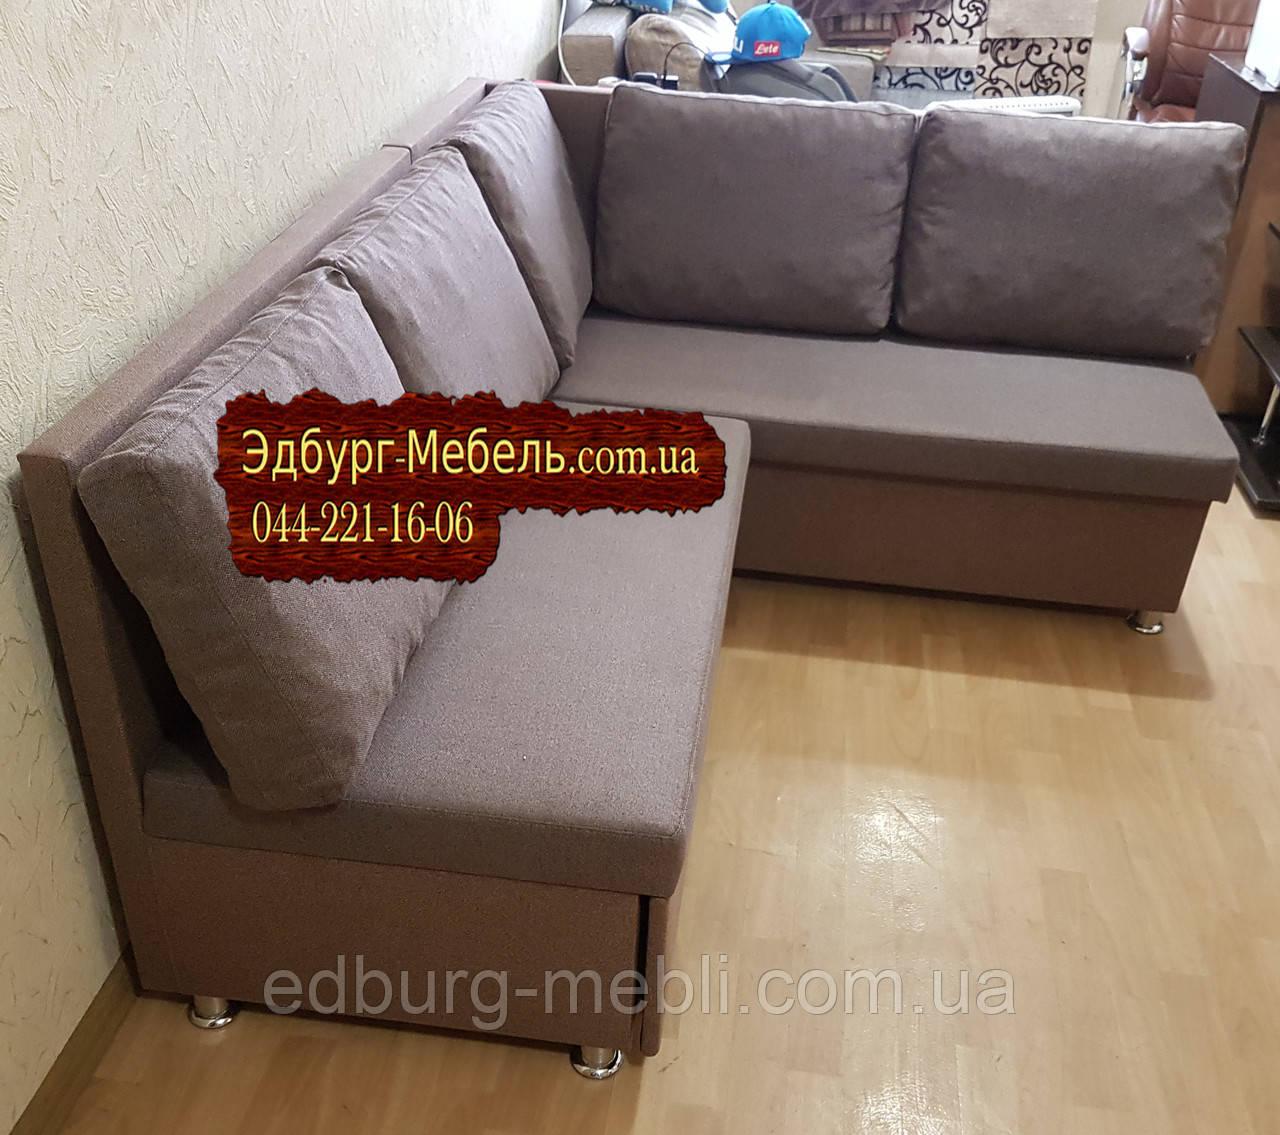 Кухонний диван «Прометей» з великими зручними подушками 1500х1800мм